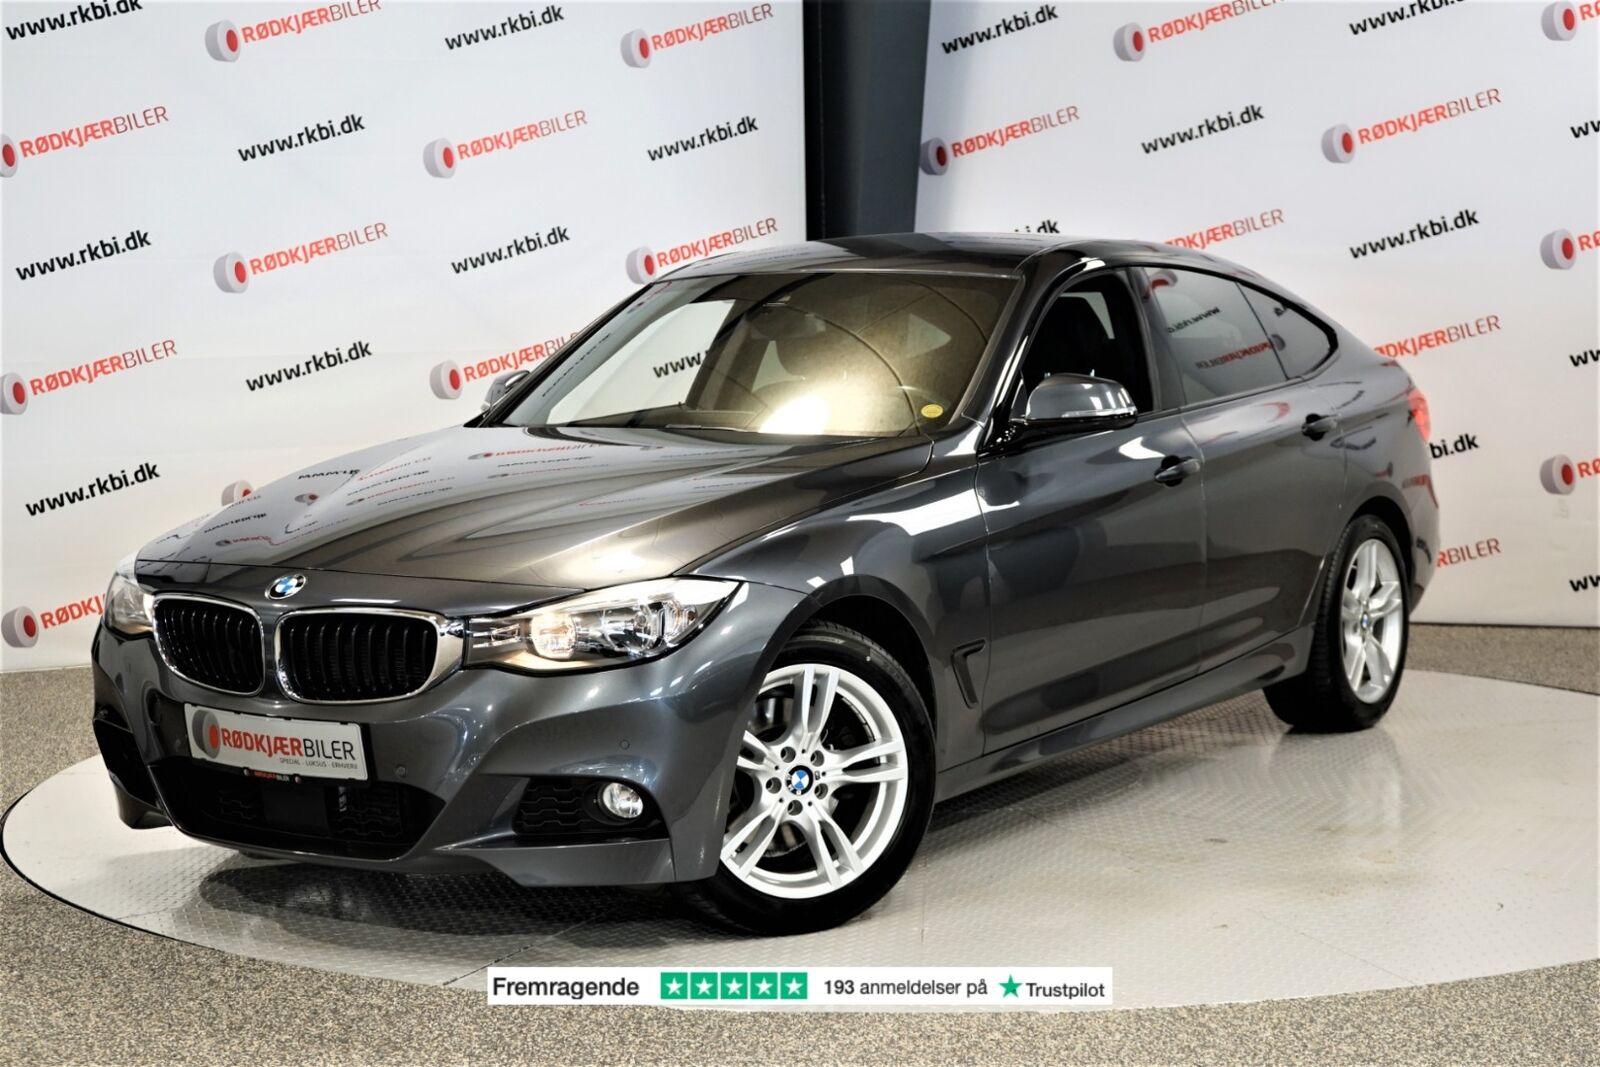 BMW 330d 3,0 Gran Turismo M-Sport xDrive 5d - 399.900 kr.